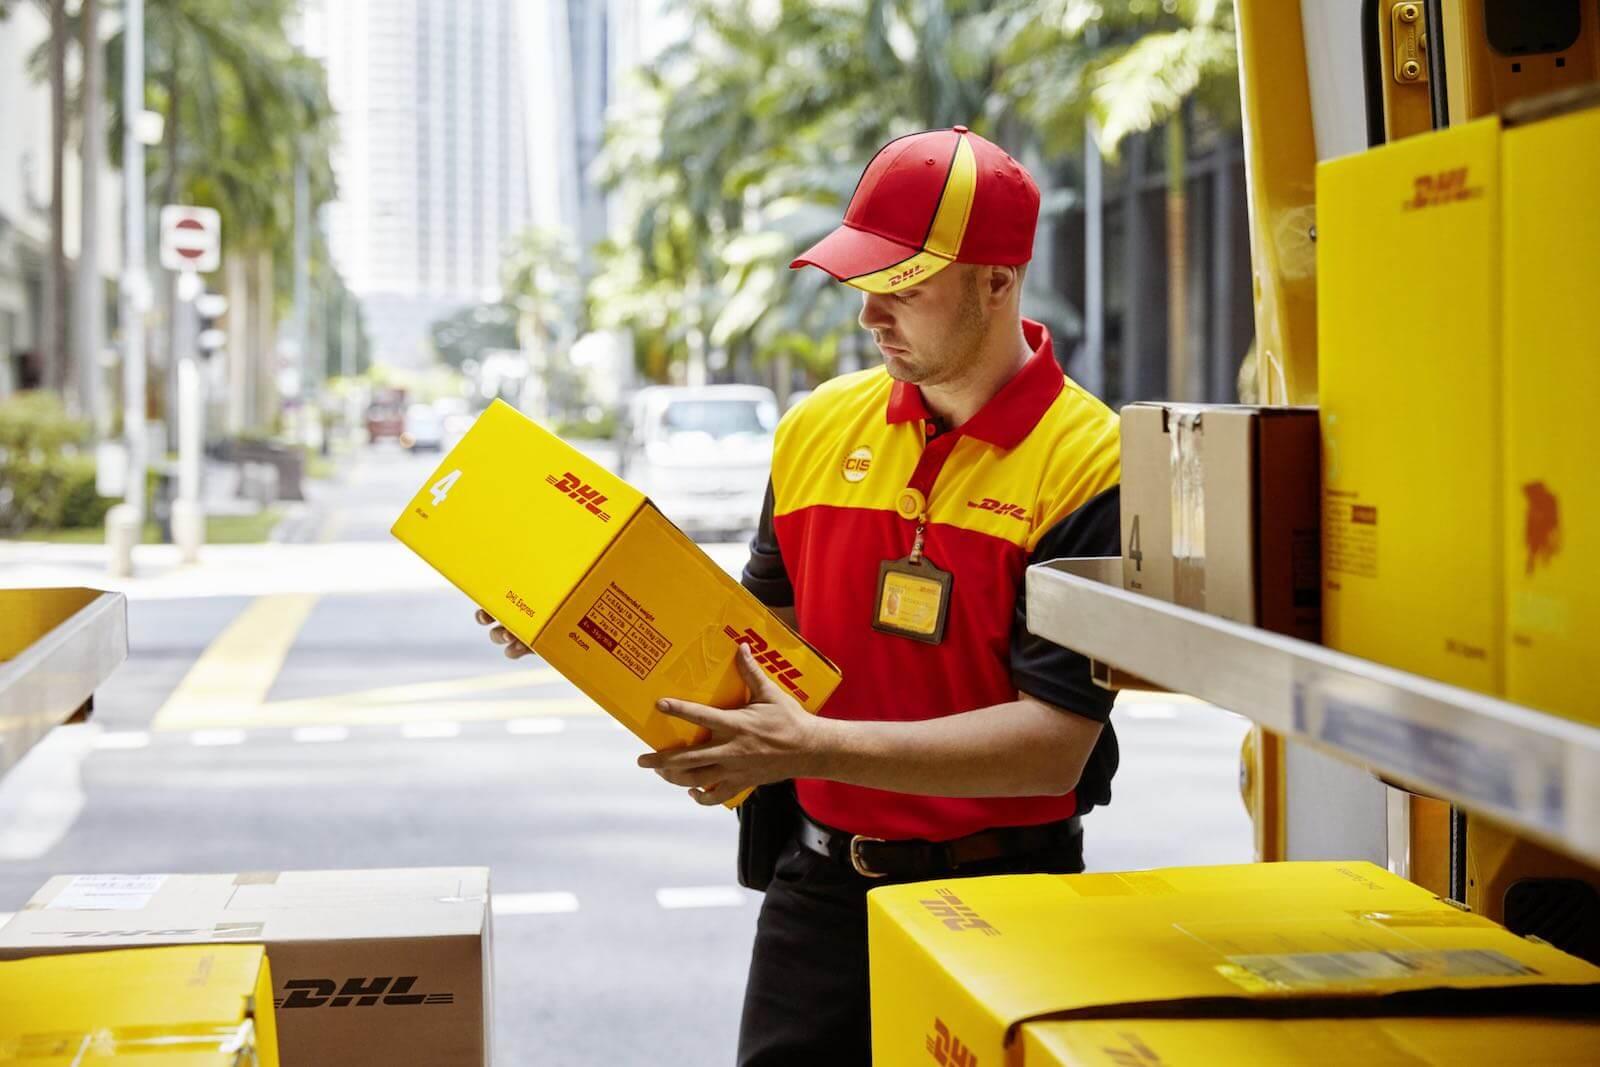 Obter cotação para envio de encomendas DHL